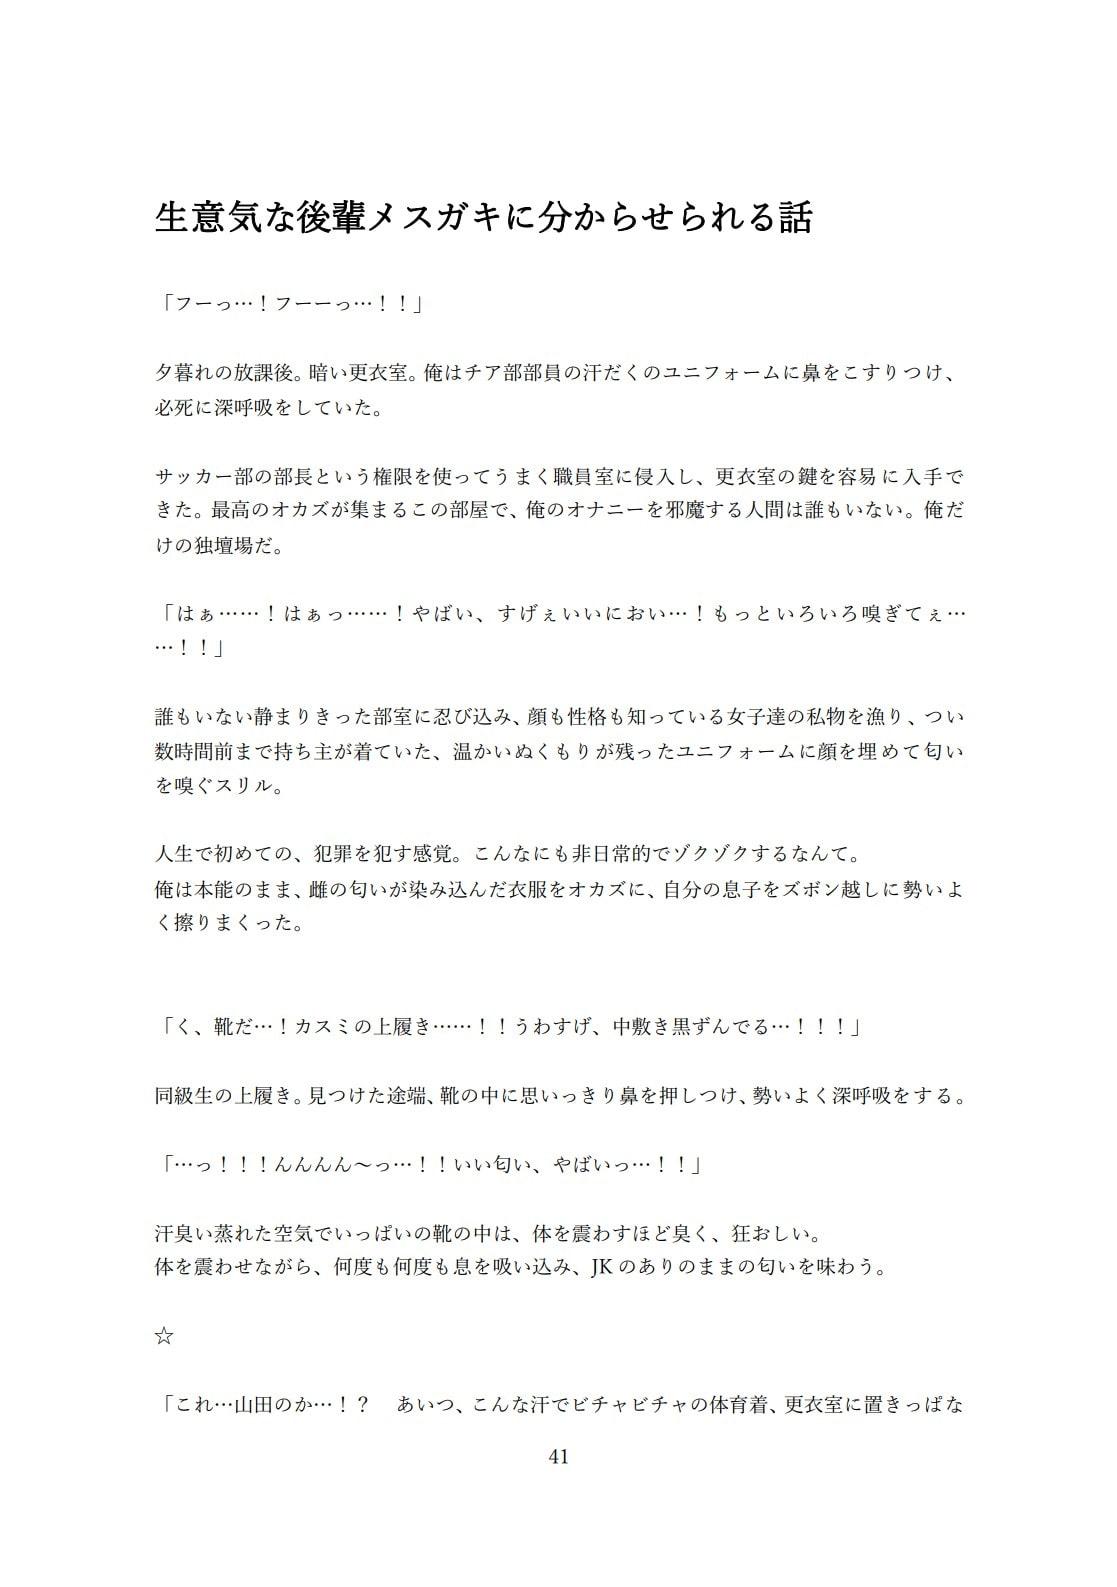 RJ329700 フェチさん向け短編集 [20210602]